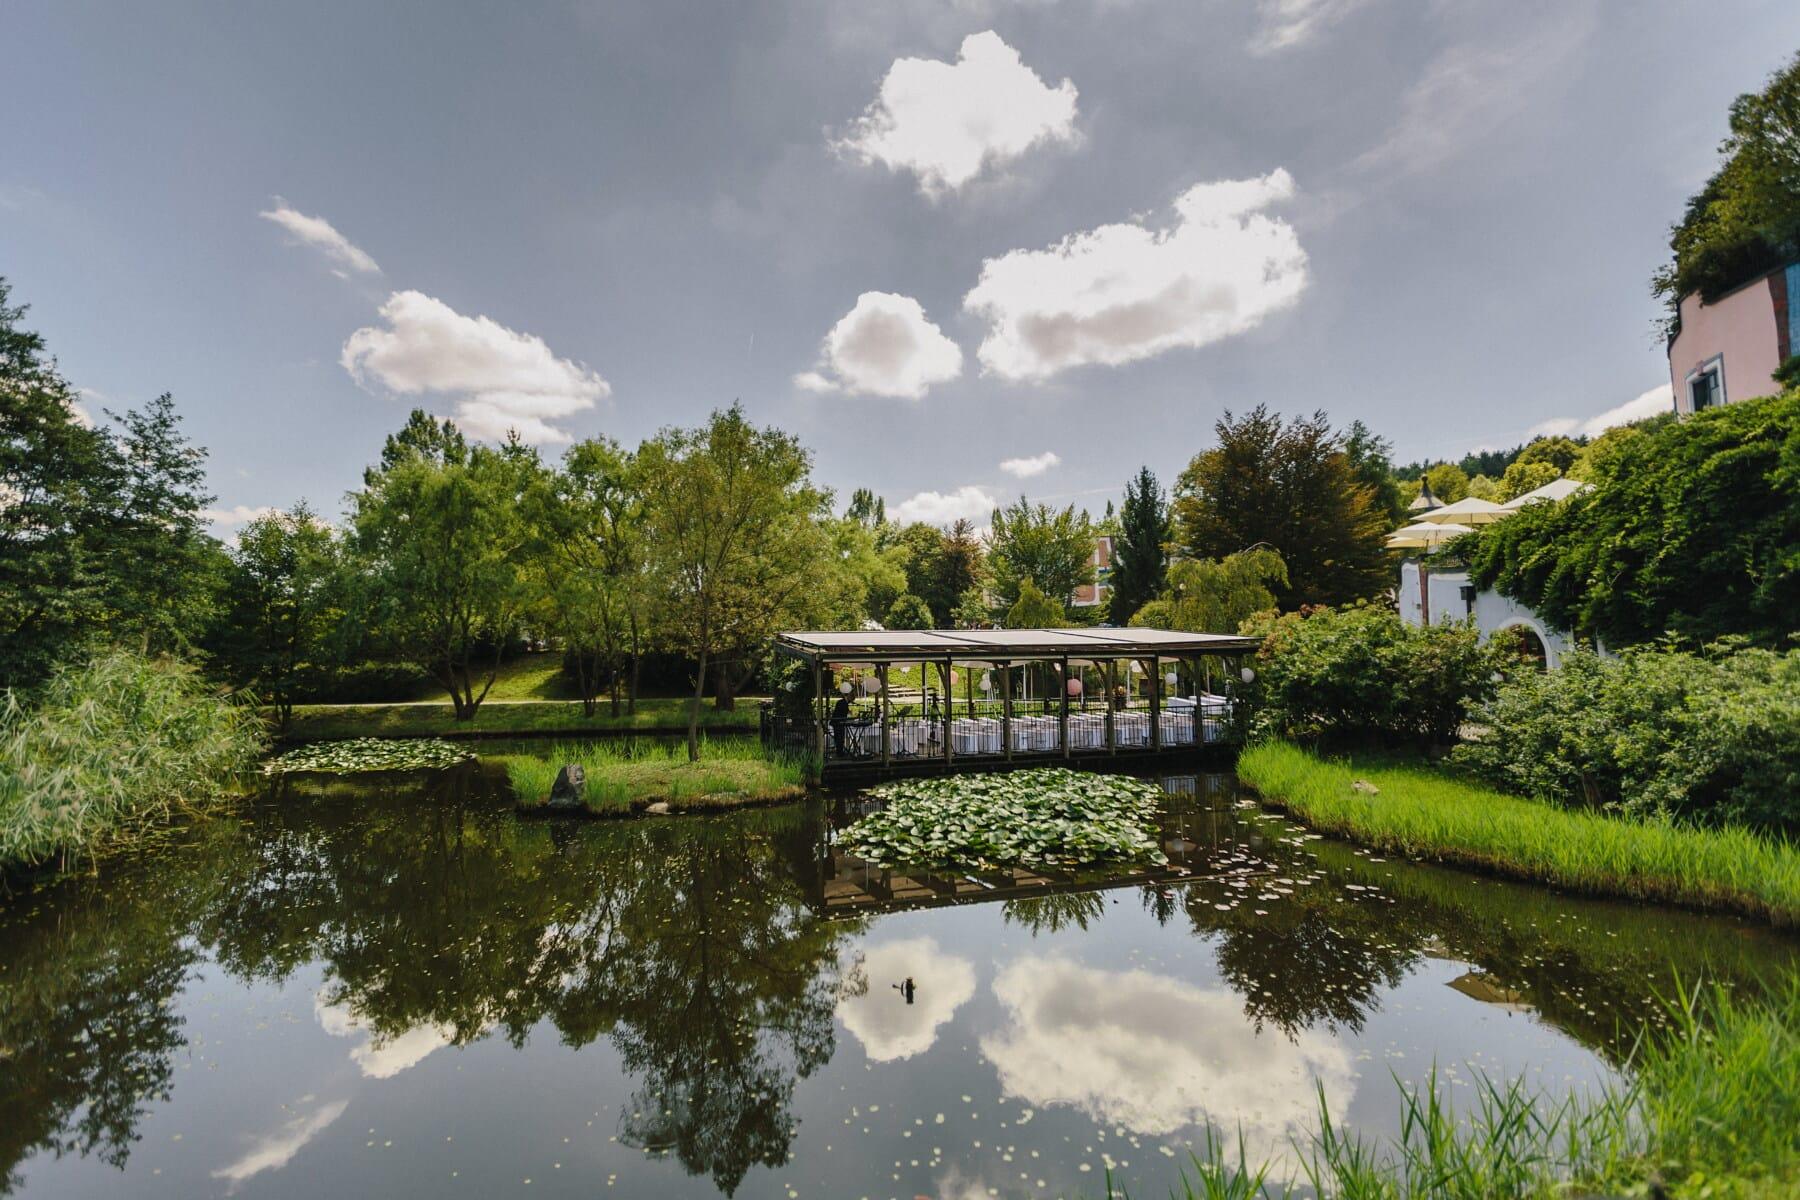 Garten, tropische, Seerose, Immobilien, Hinterhof, Schwimmbad, See, Wasser, Struktur, Natur